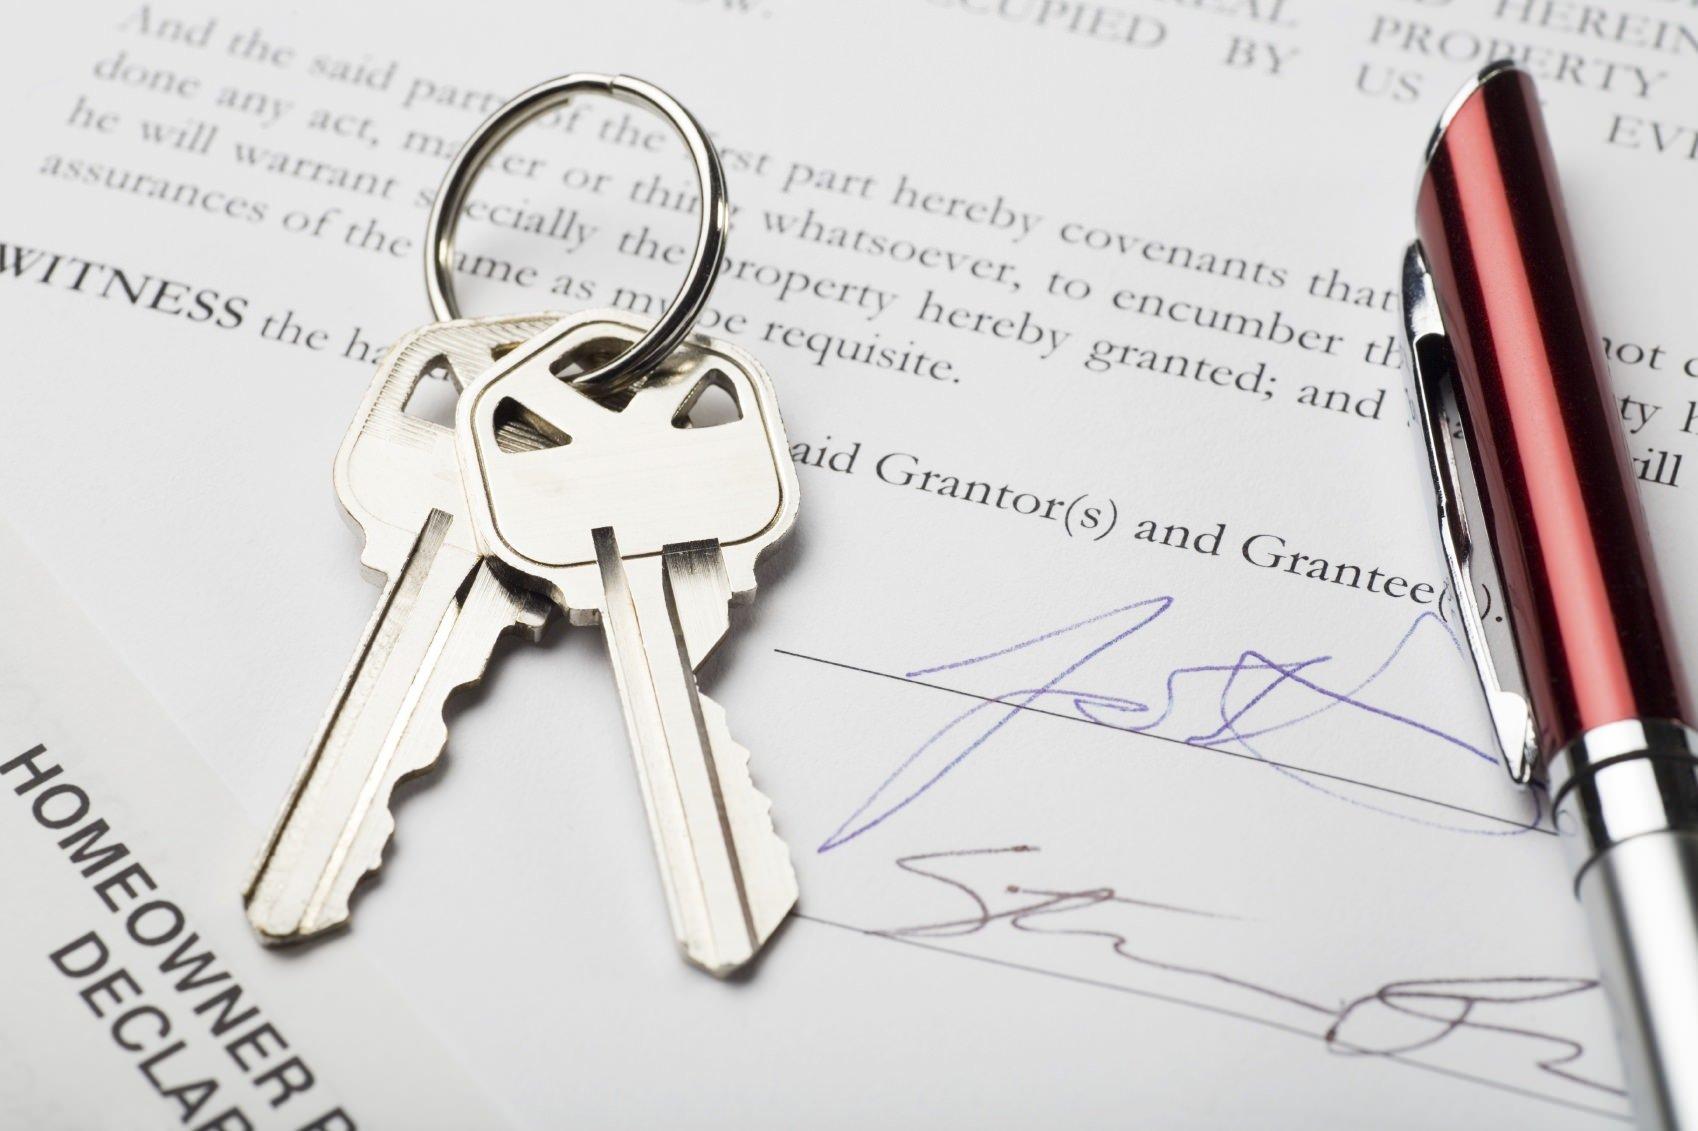 Договор найма жилого помещения - образец бланка, заполнение, составление и оформление договора найма